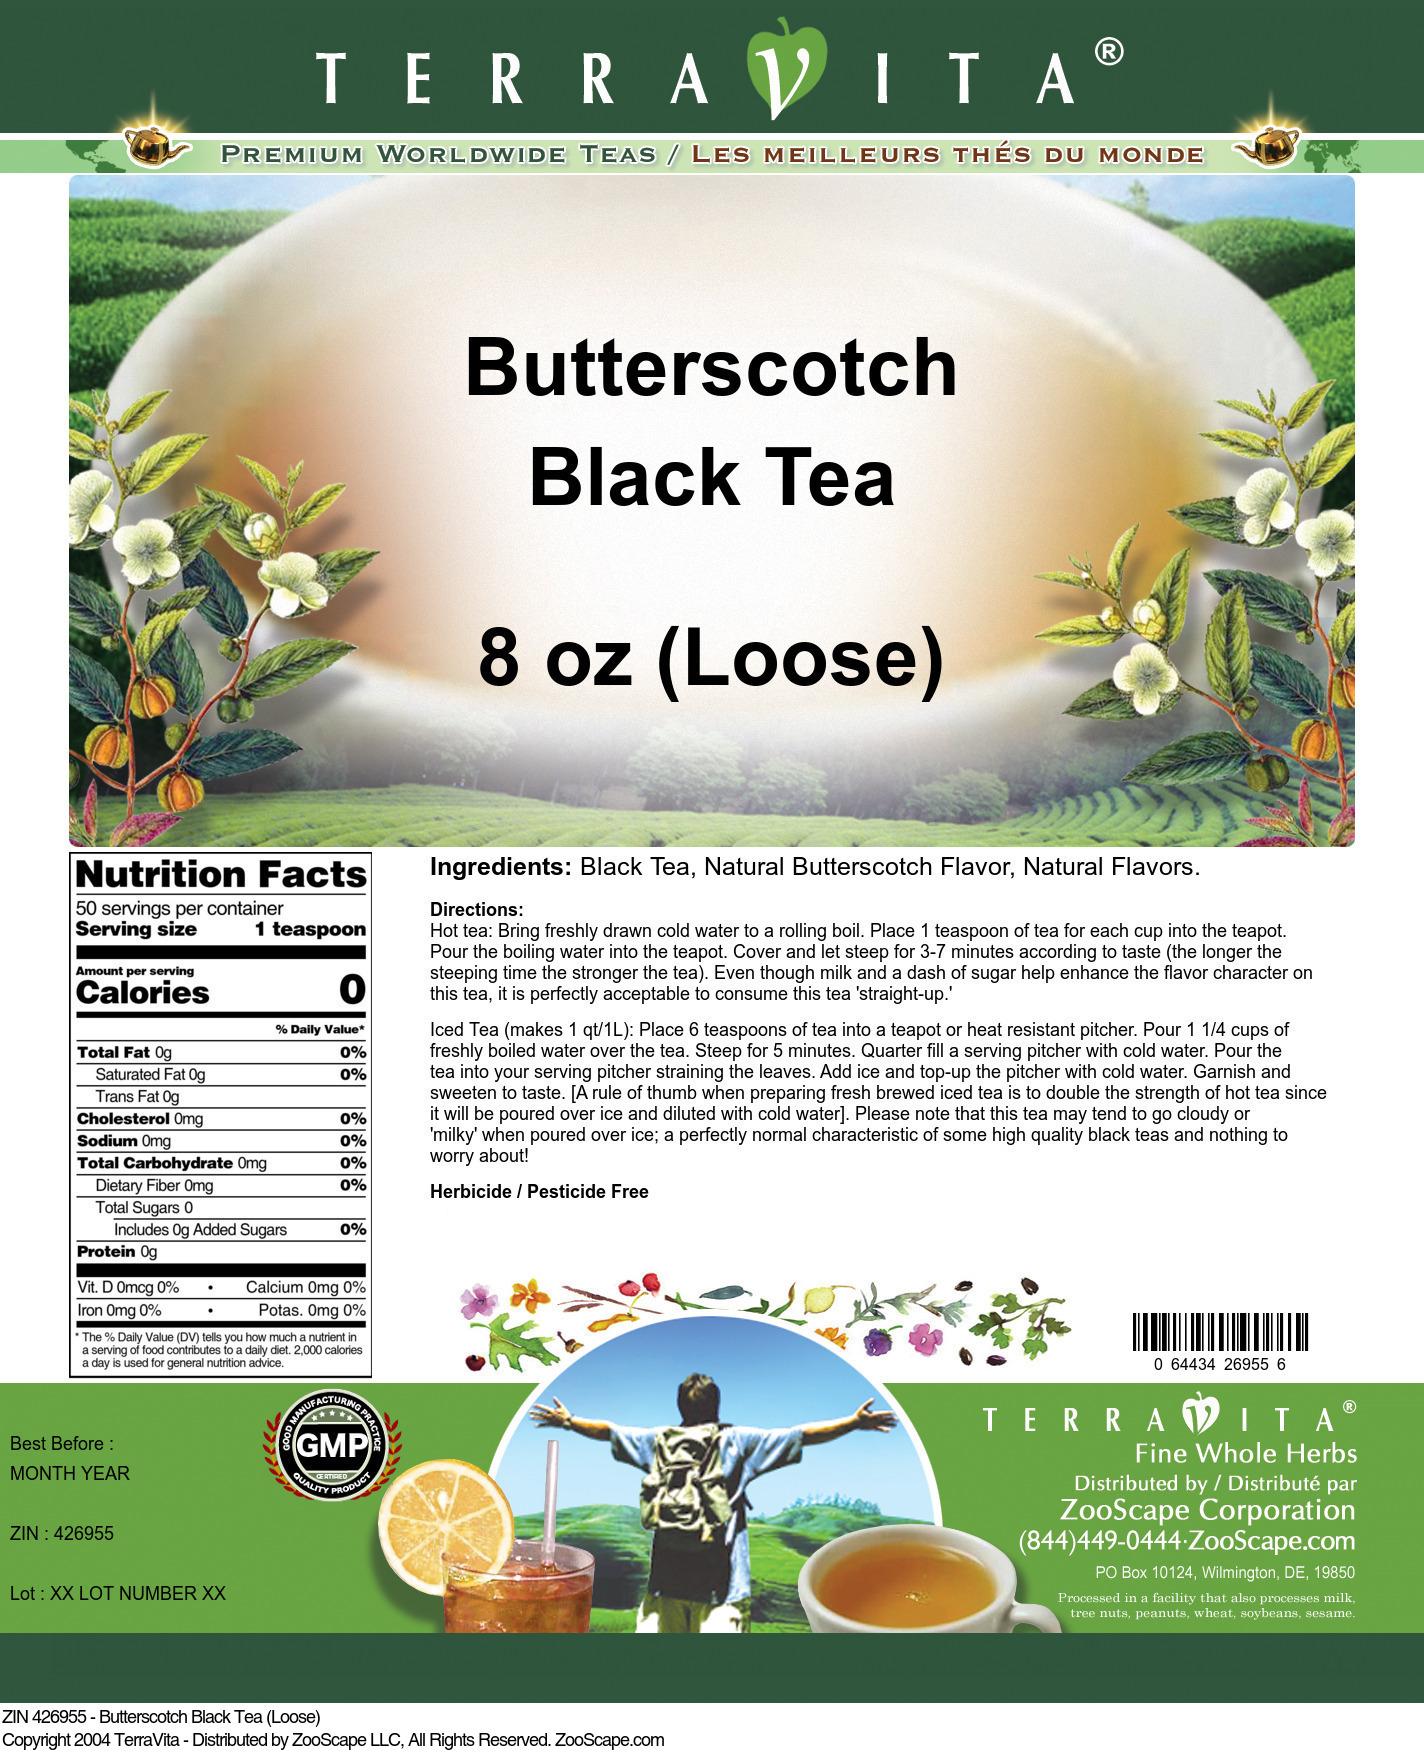 Butterscotch Black Tea (Loose)